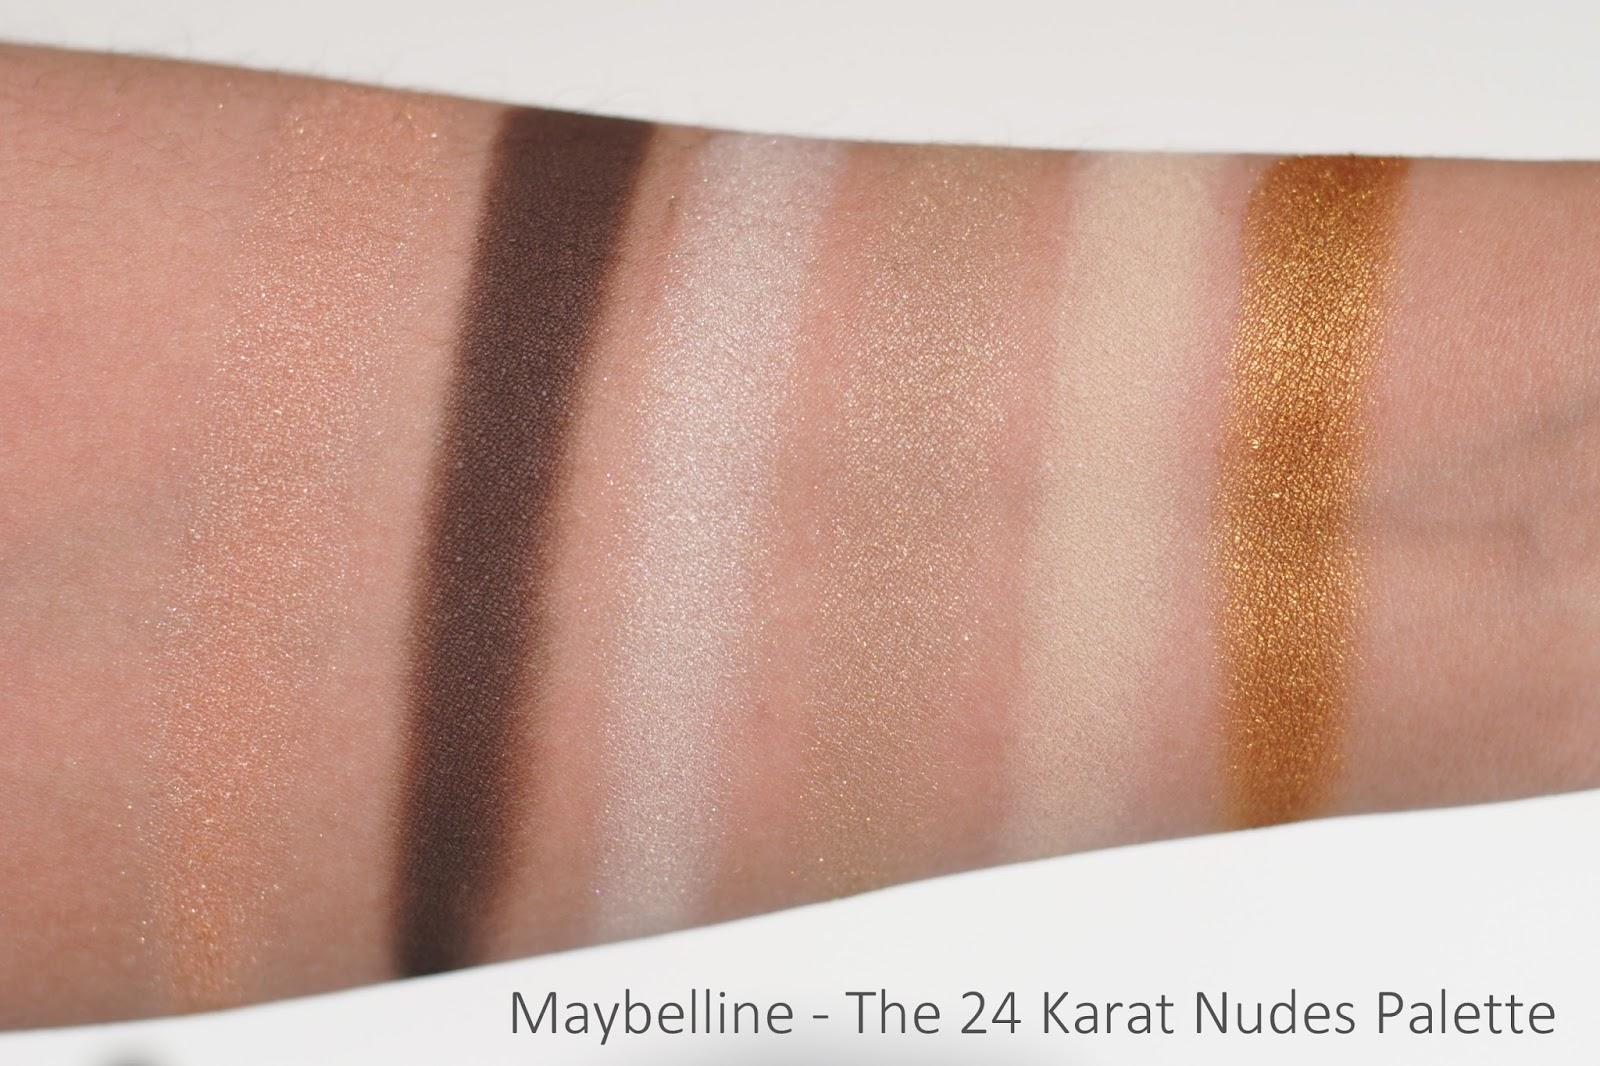 Maybelline 24 Karat Nudes swatches